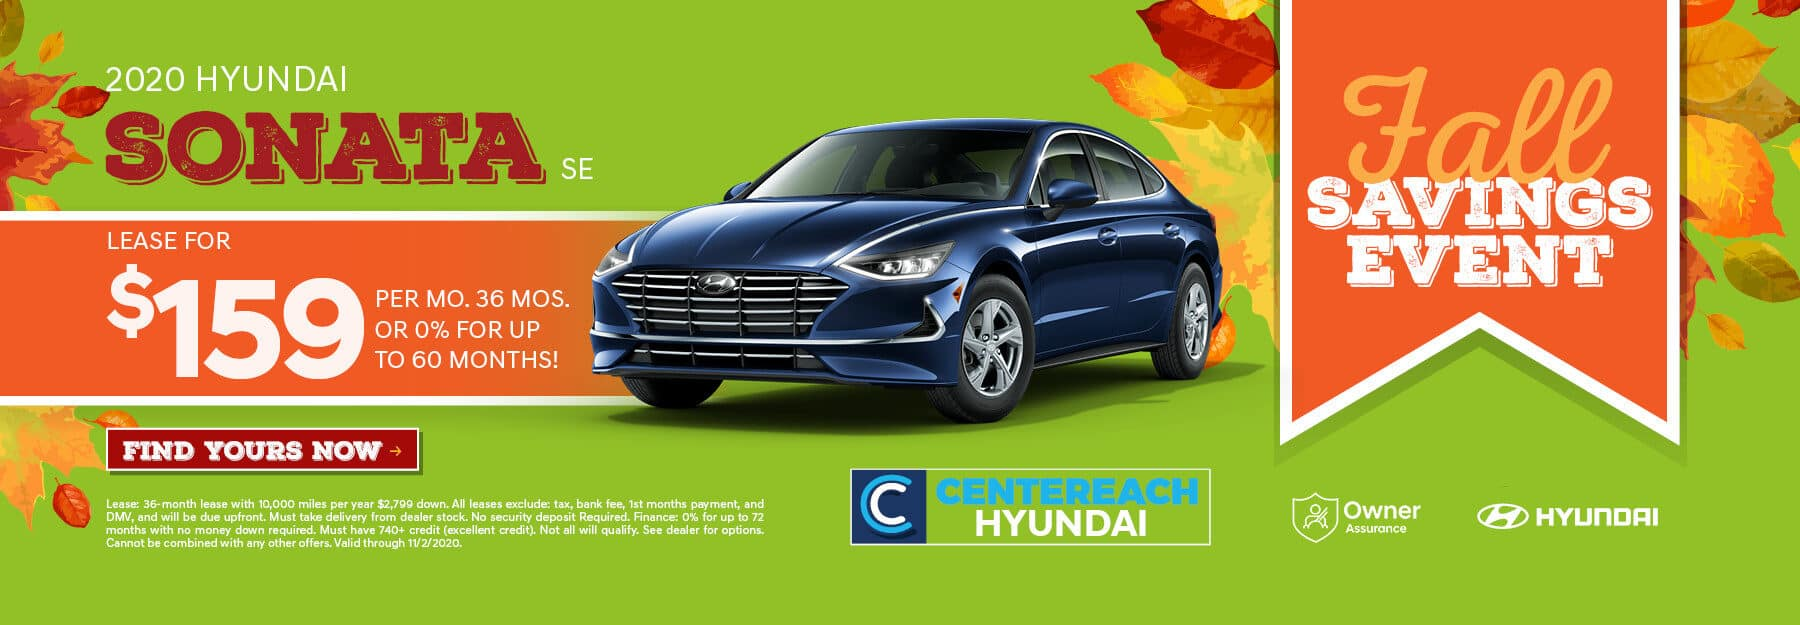 2020.10.08 Centereach Hyundai OCT Offer Banners_S49005mr-as3